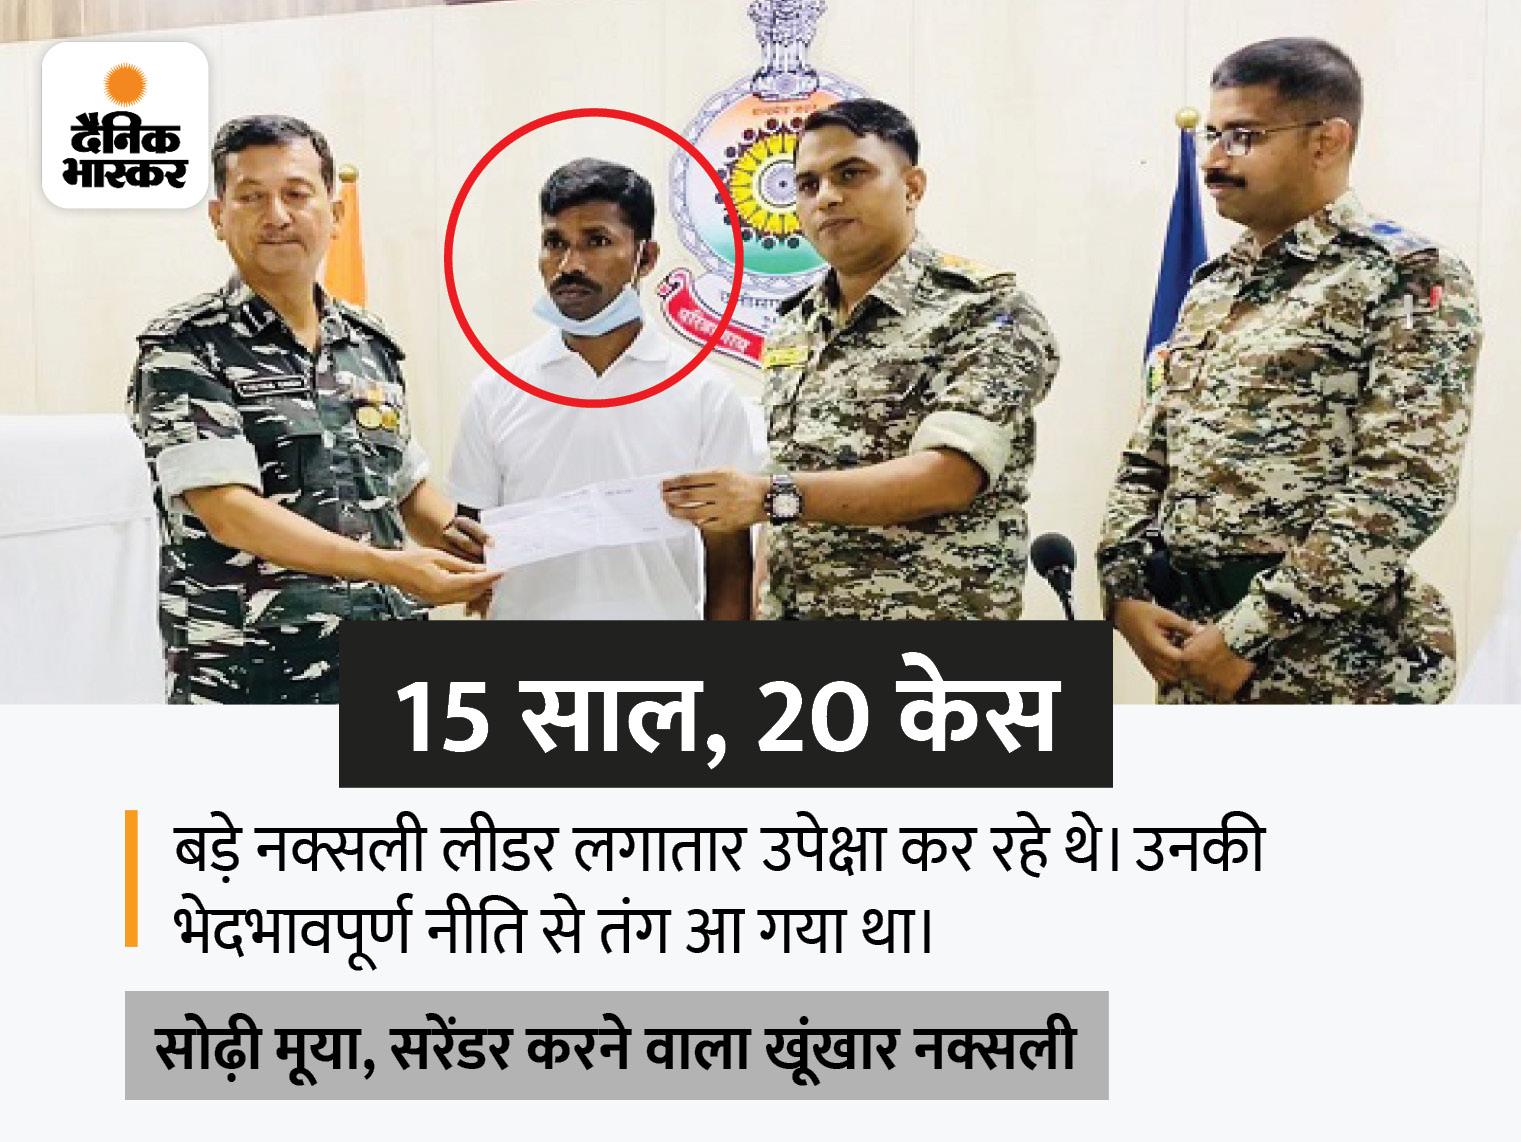 8 लाख रुपए के इनामी खूंखार नक्सली ने पुलिस के सामने डाले हथियार; अब पुलिस में भर्ती होकर काम करने की मंशा|जगदलपुर,Jagdalpur - Dainik Bhaskar